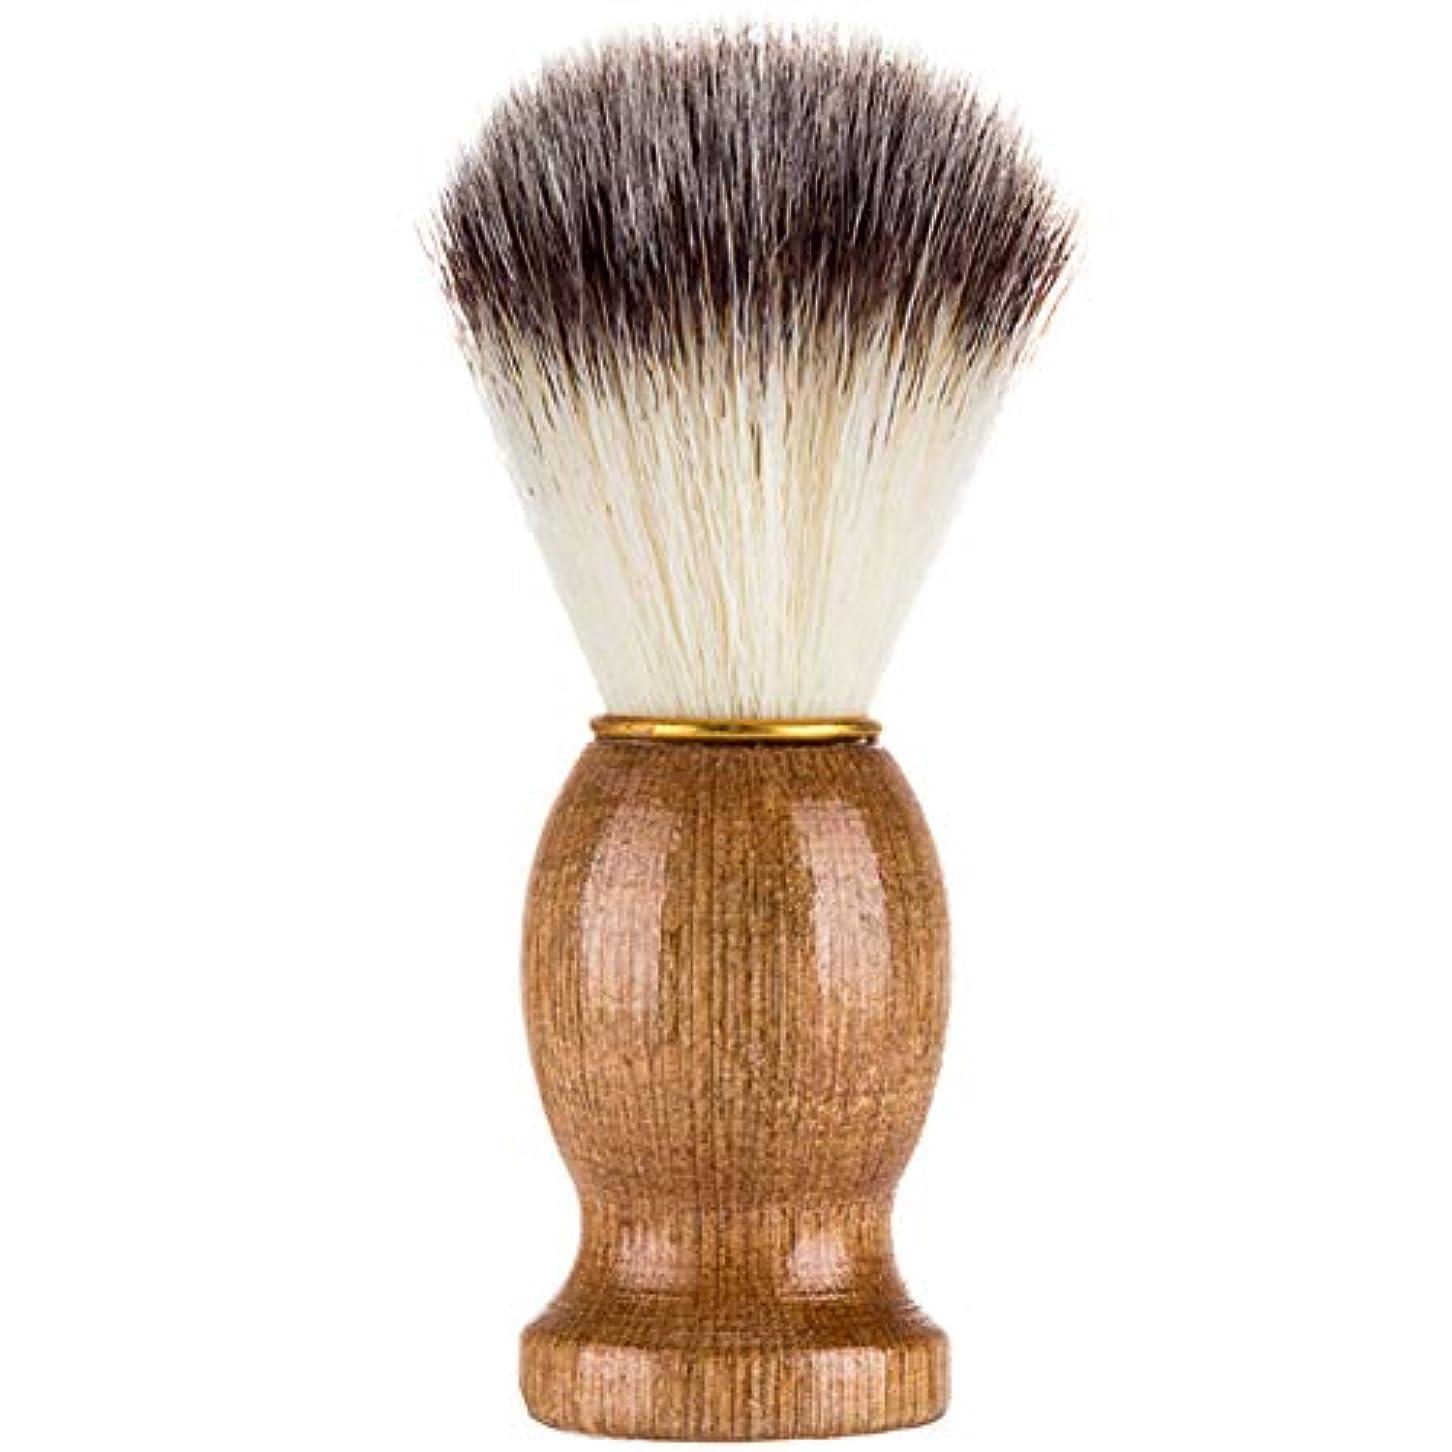 噂剣学校の先生Tenflyer シェービングブラシ、シェービングブラシ、男性シェービングブラシシェービングかみそりブラシサロン理髪店用ツールひげ剃り用品